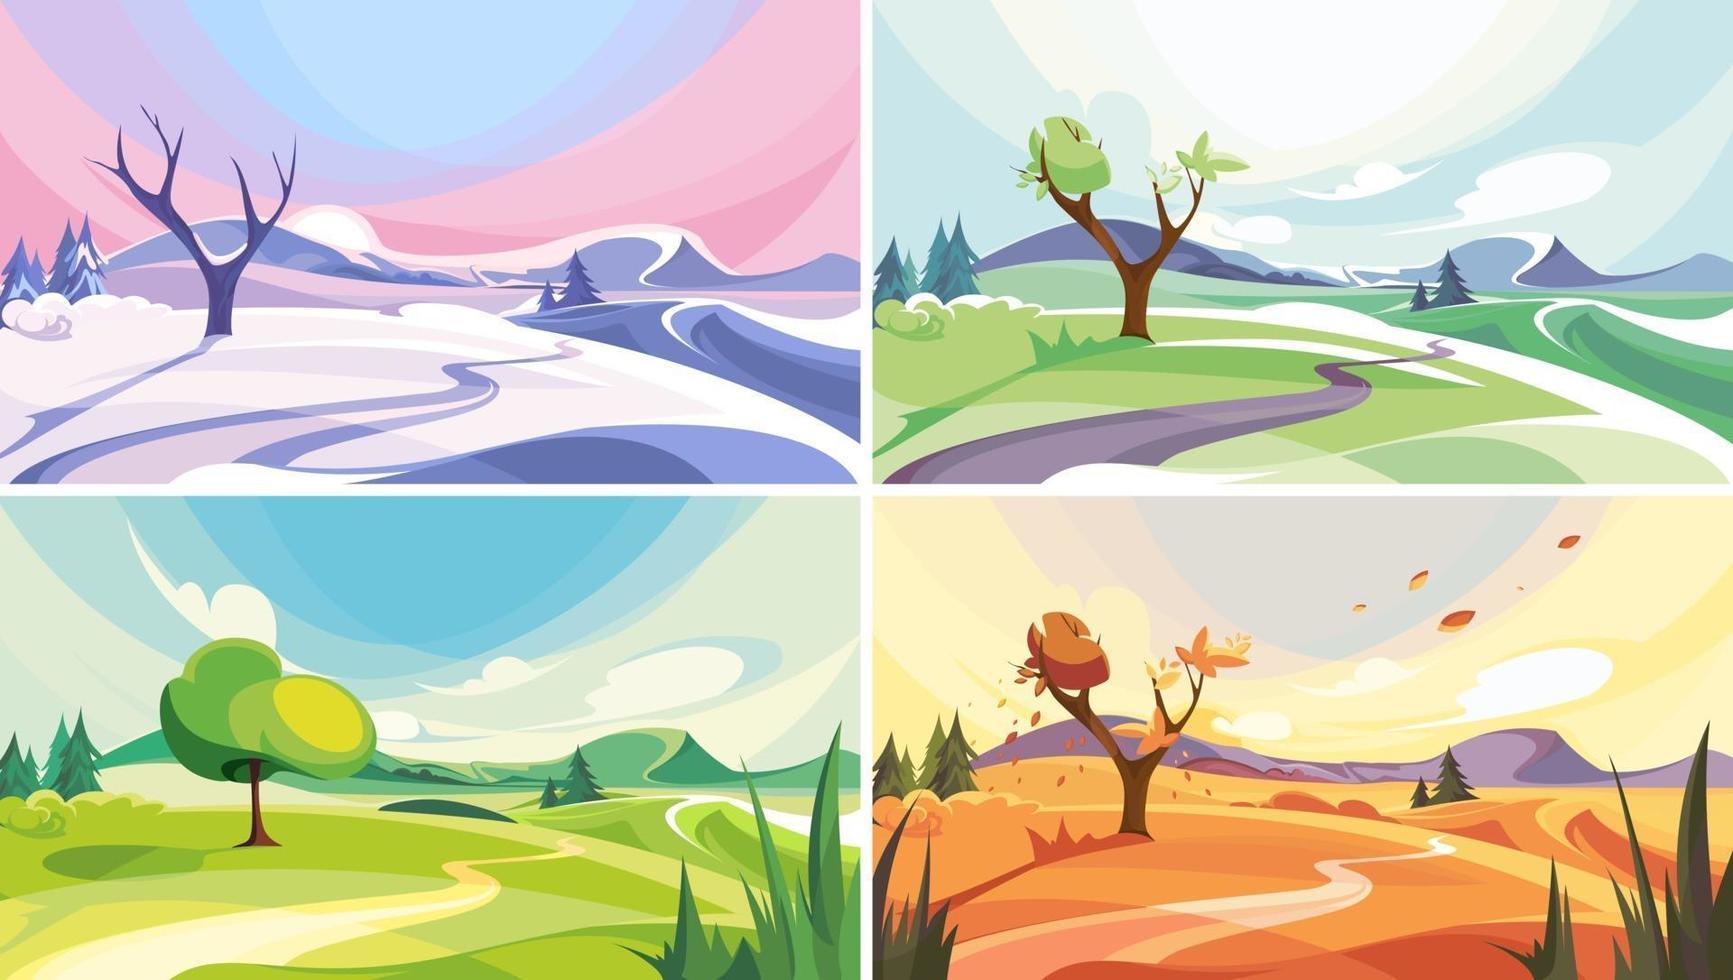 paisagem natural em diferentes épocas do ano vetor